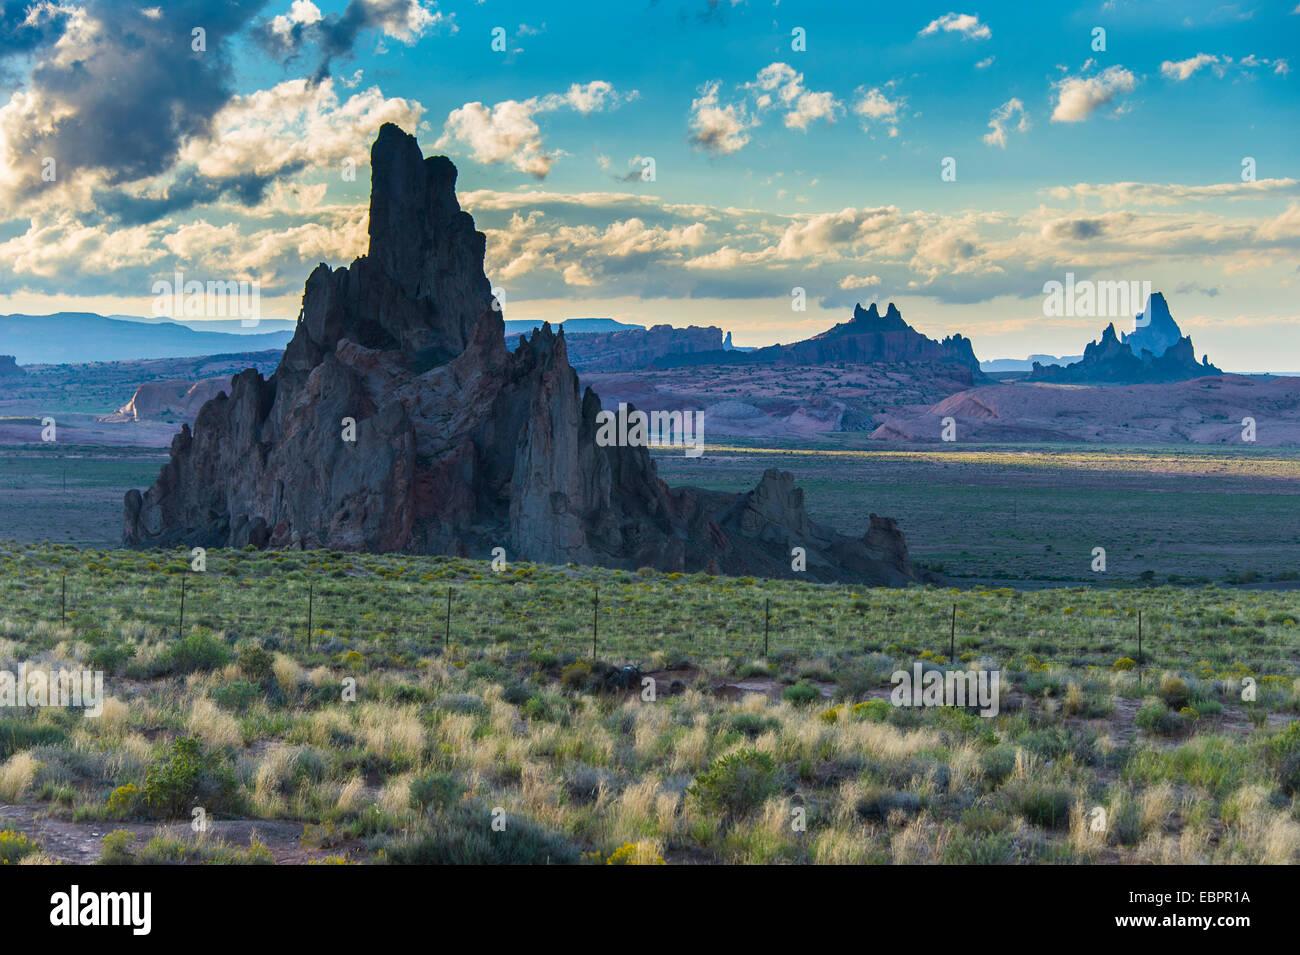 Felsformationen im späten Tageslicht in der Nähe von Monument Valley, Arizona, Vereinigte Staaten von Stockbild